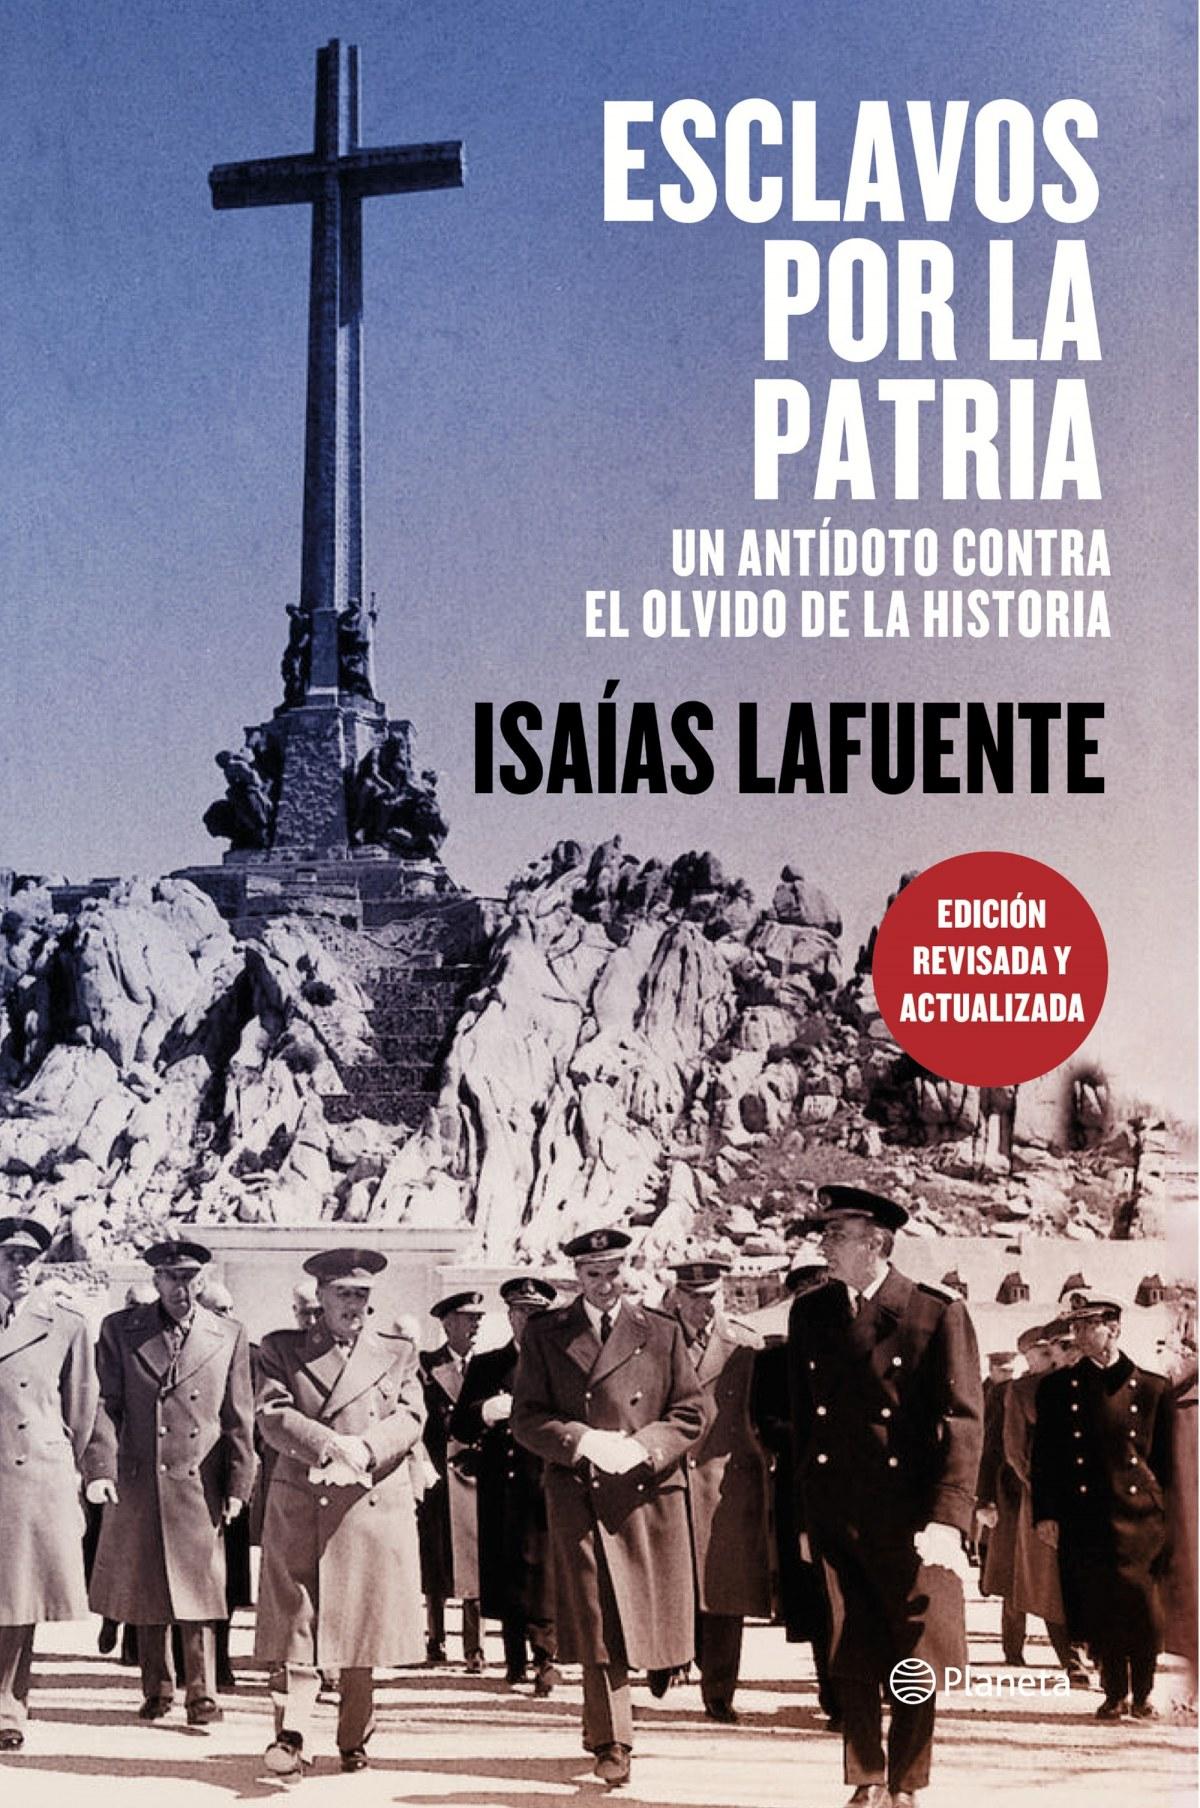 ESCLAVOS POR LA PATRIA 9788408197744